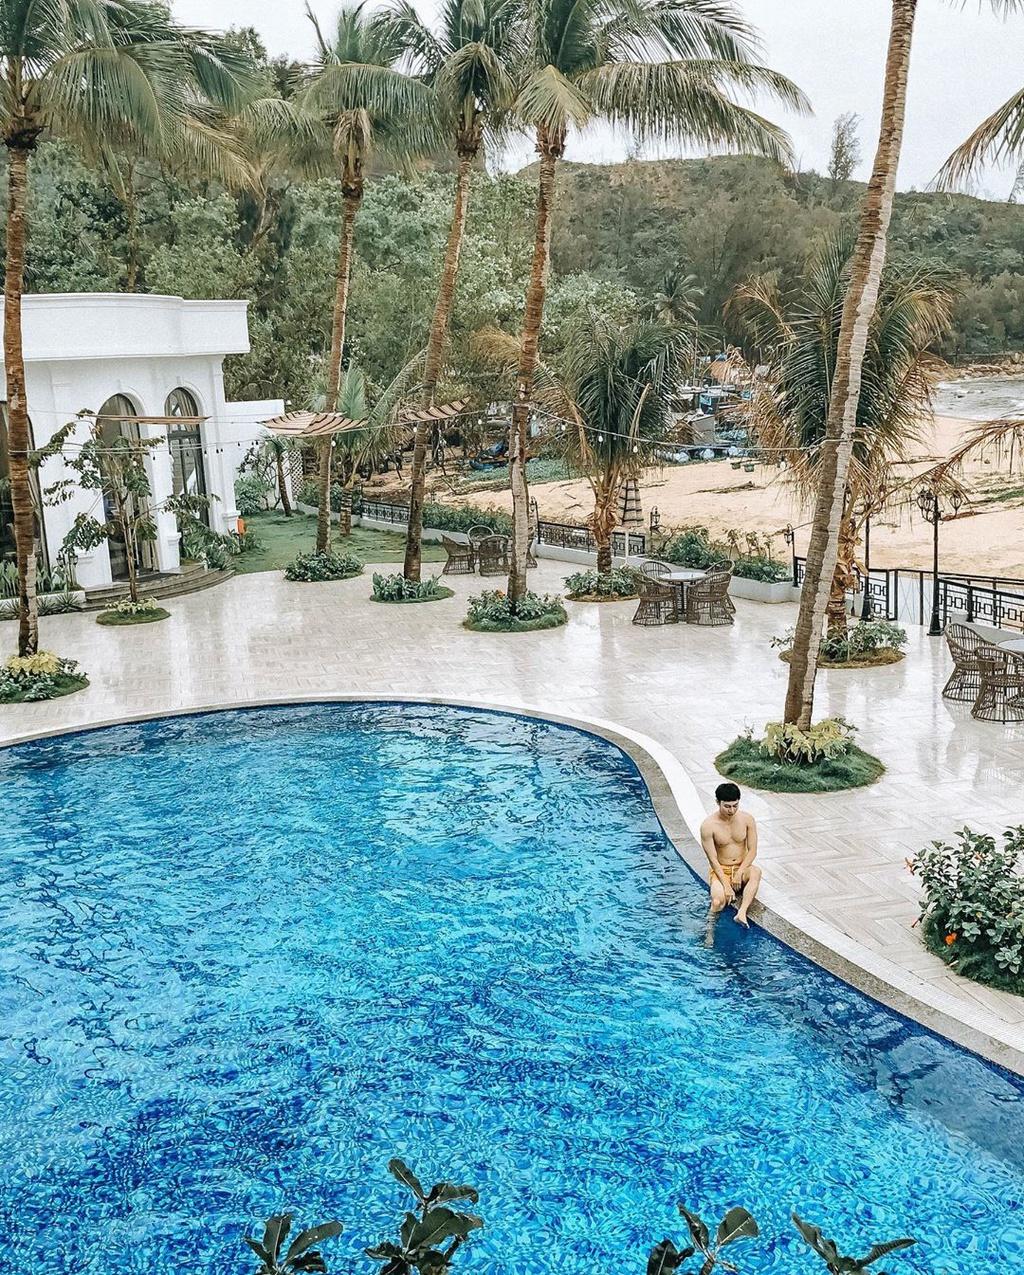 Giải nhiệt tại hồ bơi view biển sang trọng ở 4 resort Quy Nhơn